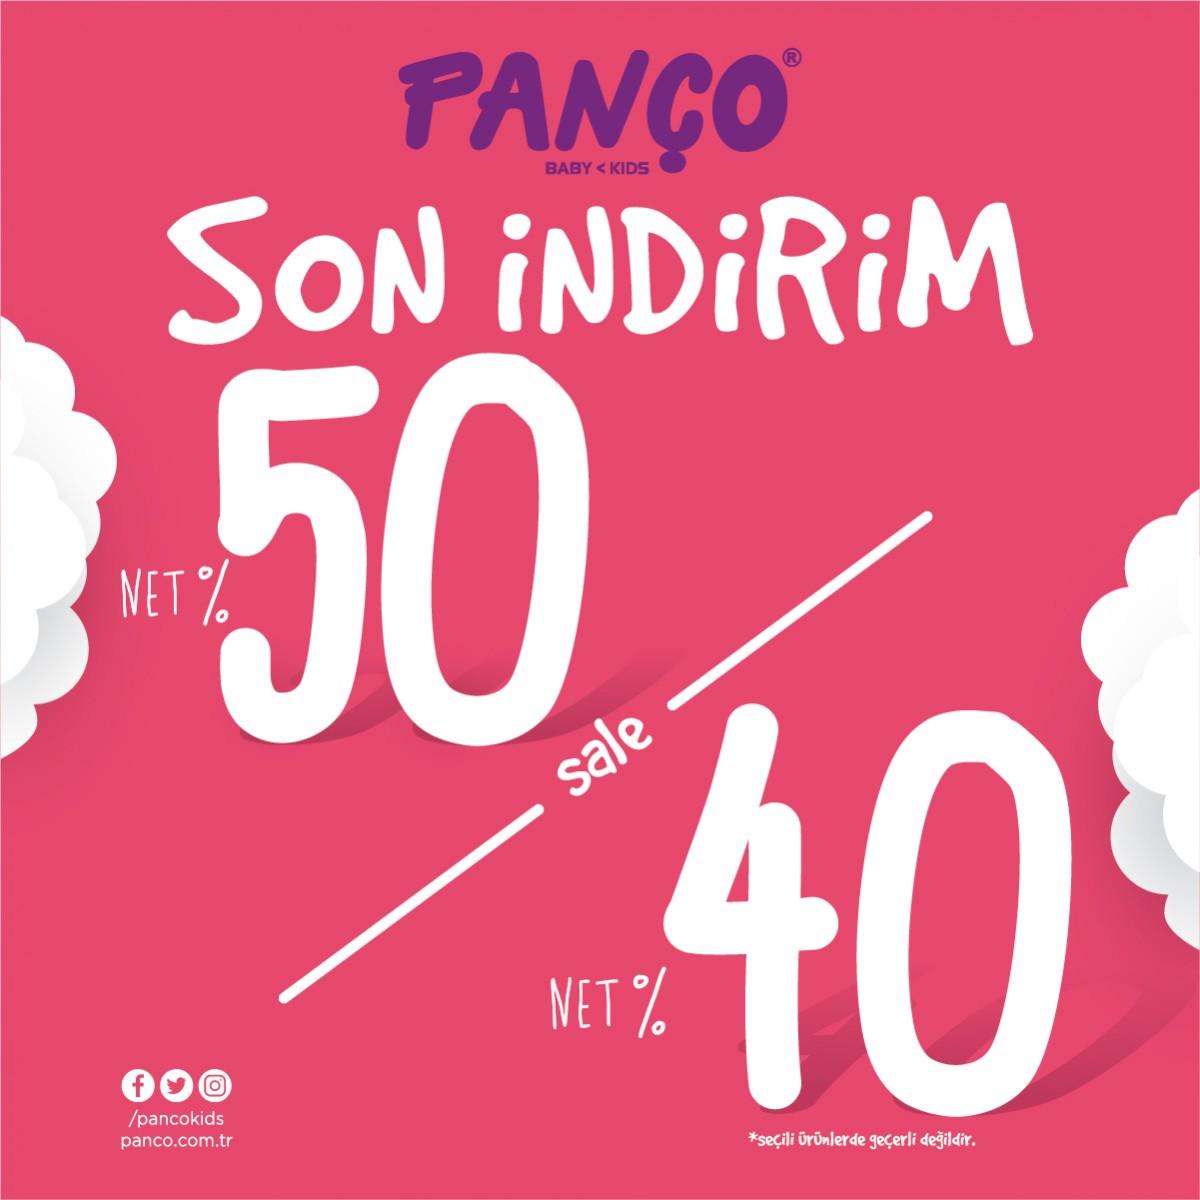 %40 ve %50 net indirim #AntalyaMigros AVM Panço mağazasında başladı! Keyifli alışverişler dileriz.